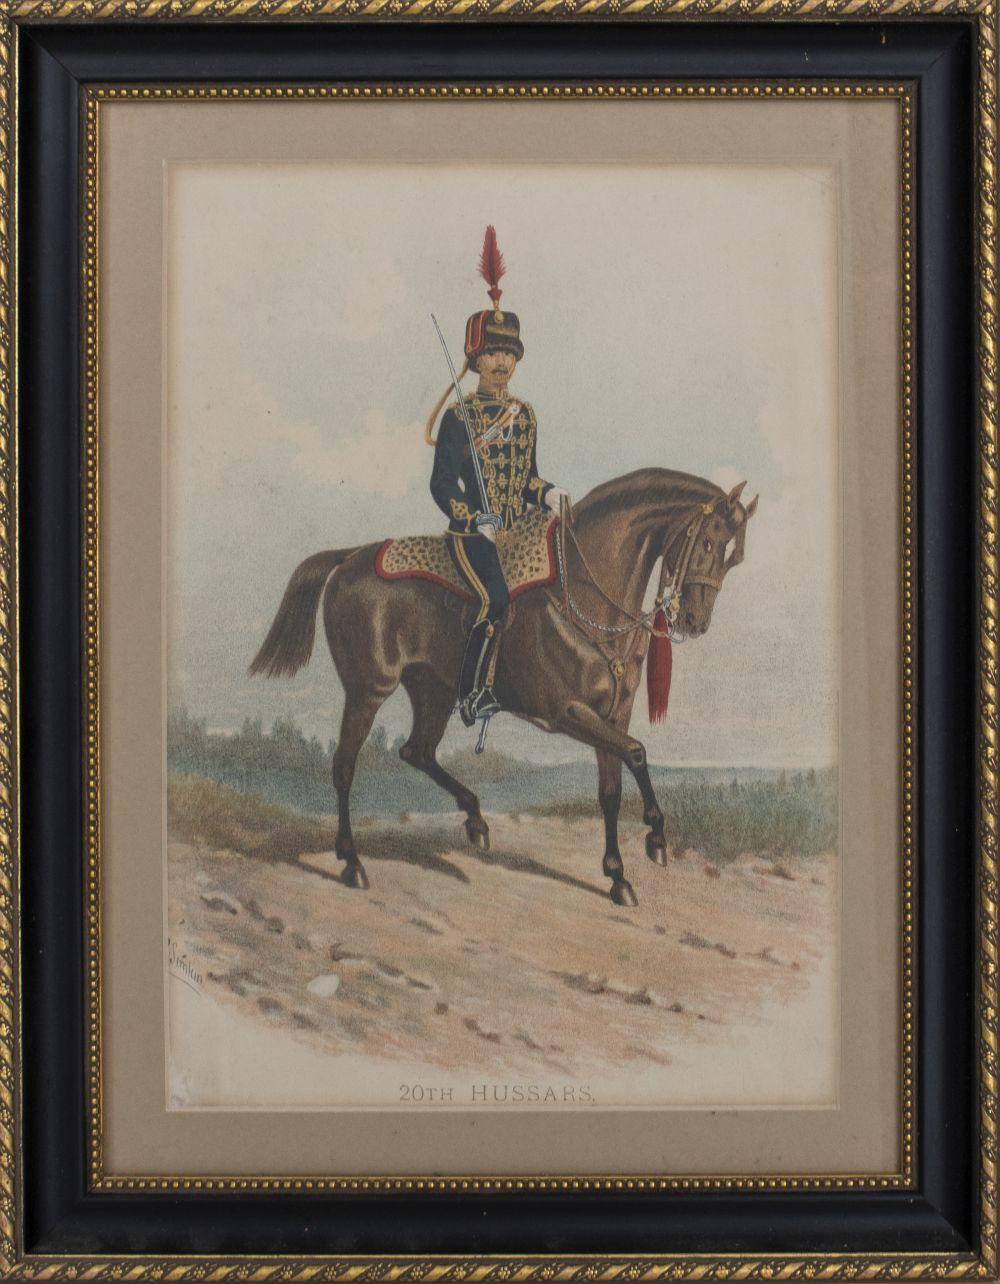 """R. Simkin, """"20th Hussars"""" Lithograph"""